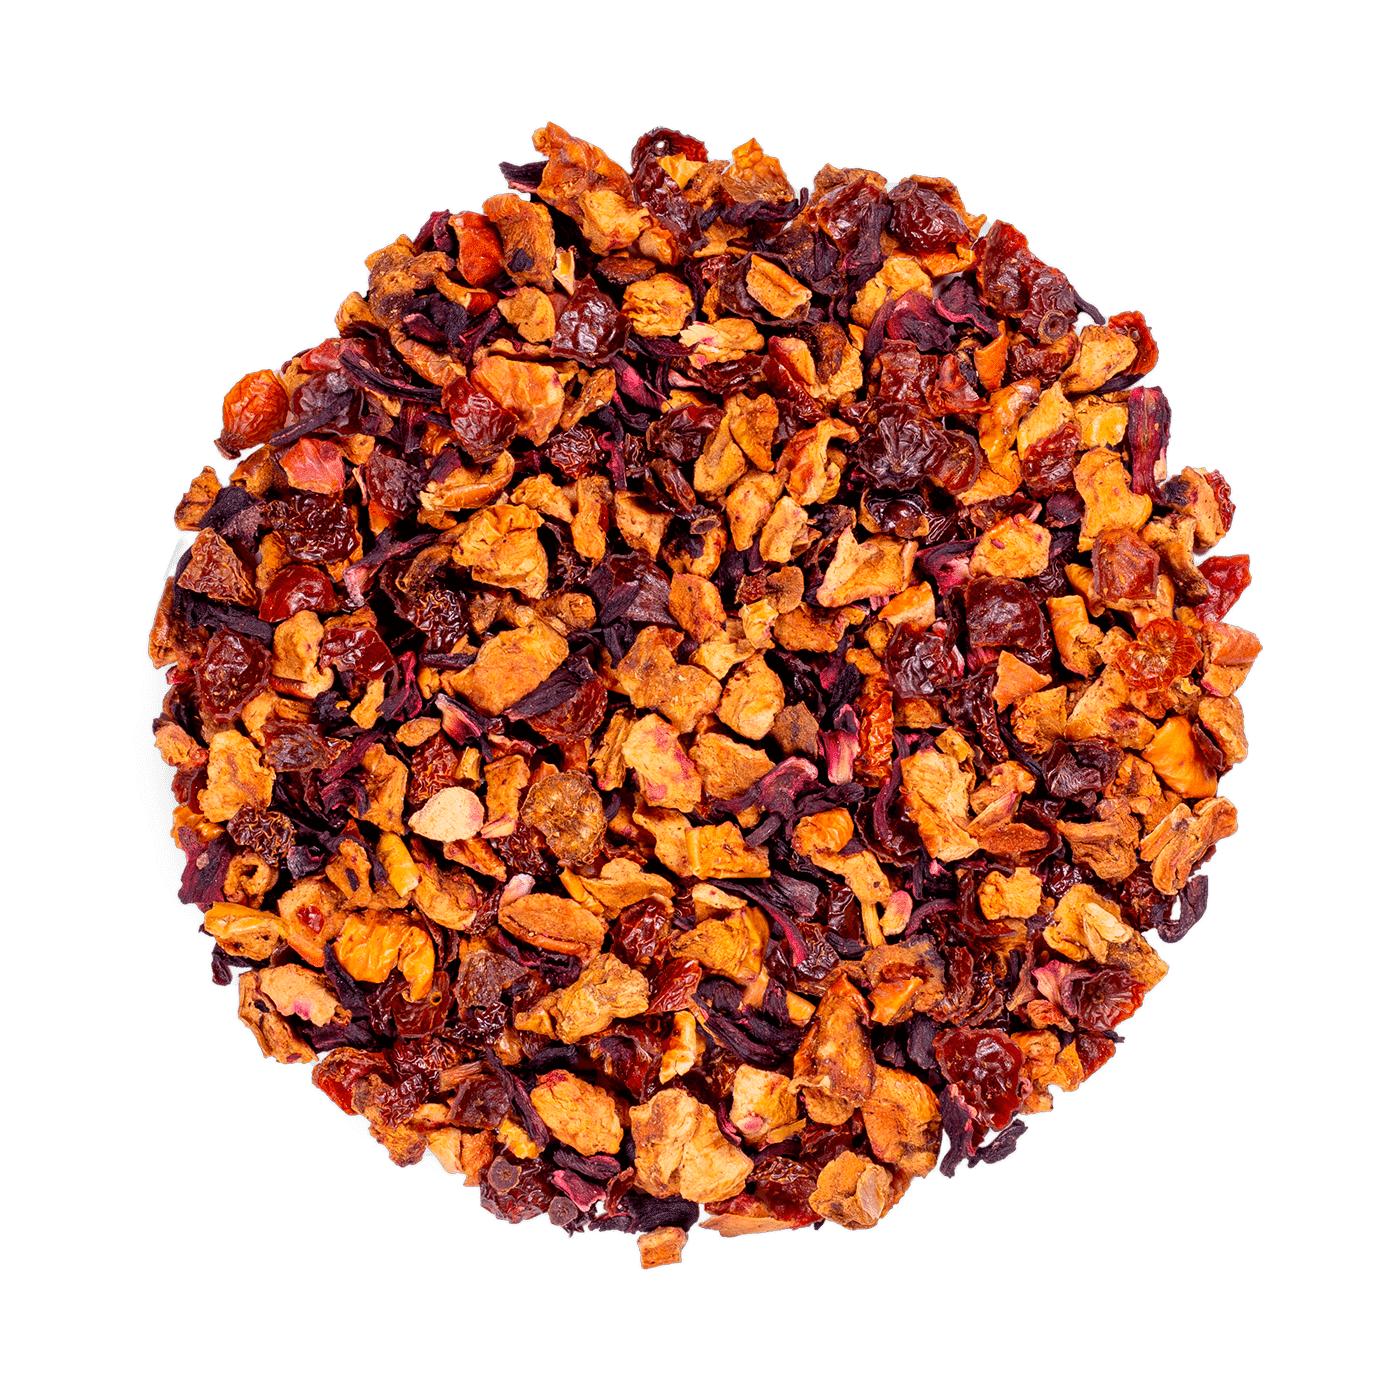 KUSMI TEA AquaExotica (Infusion de fruits bio) - Infusion hibiscus, mangue - Thé en vrac - Kusmi Tea